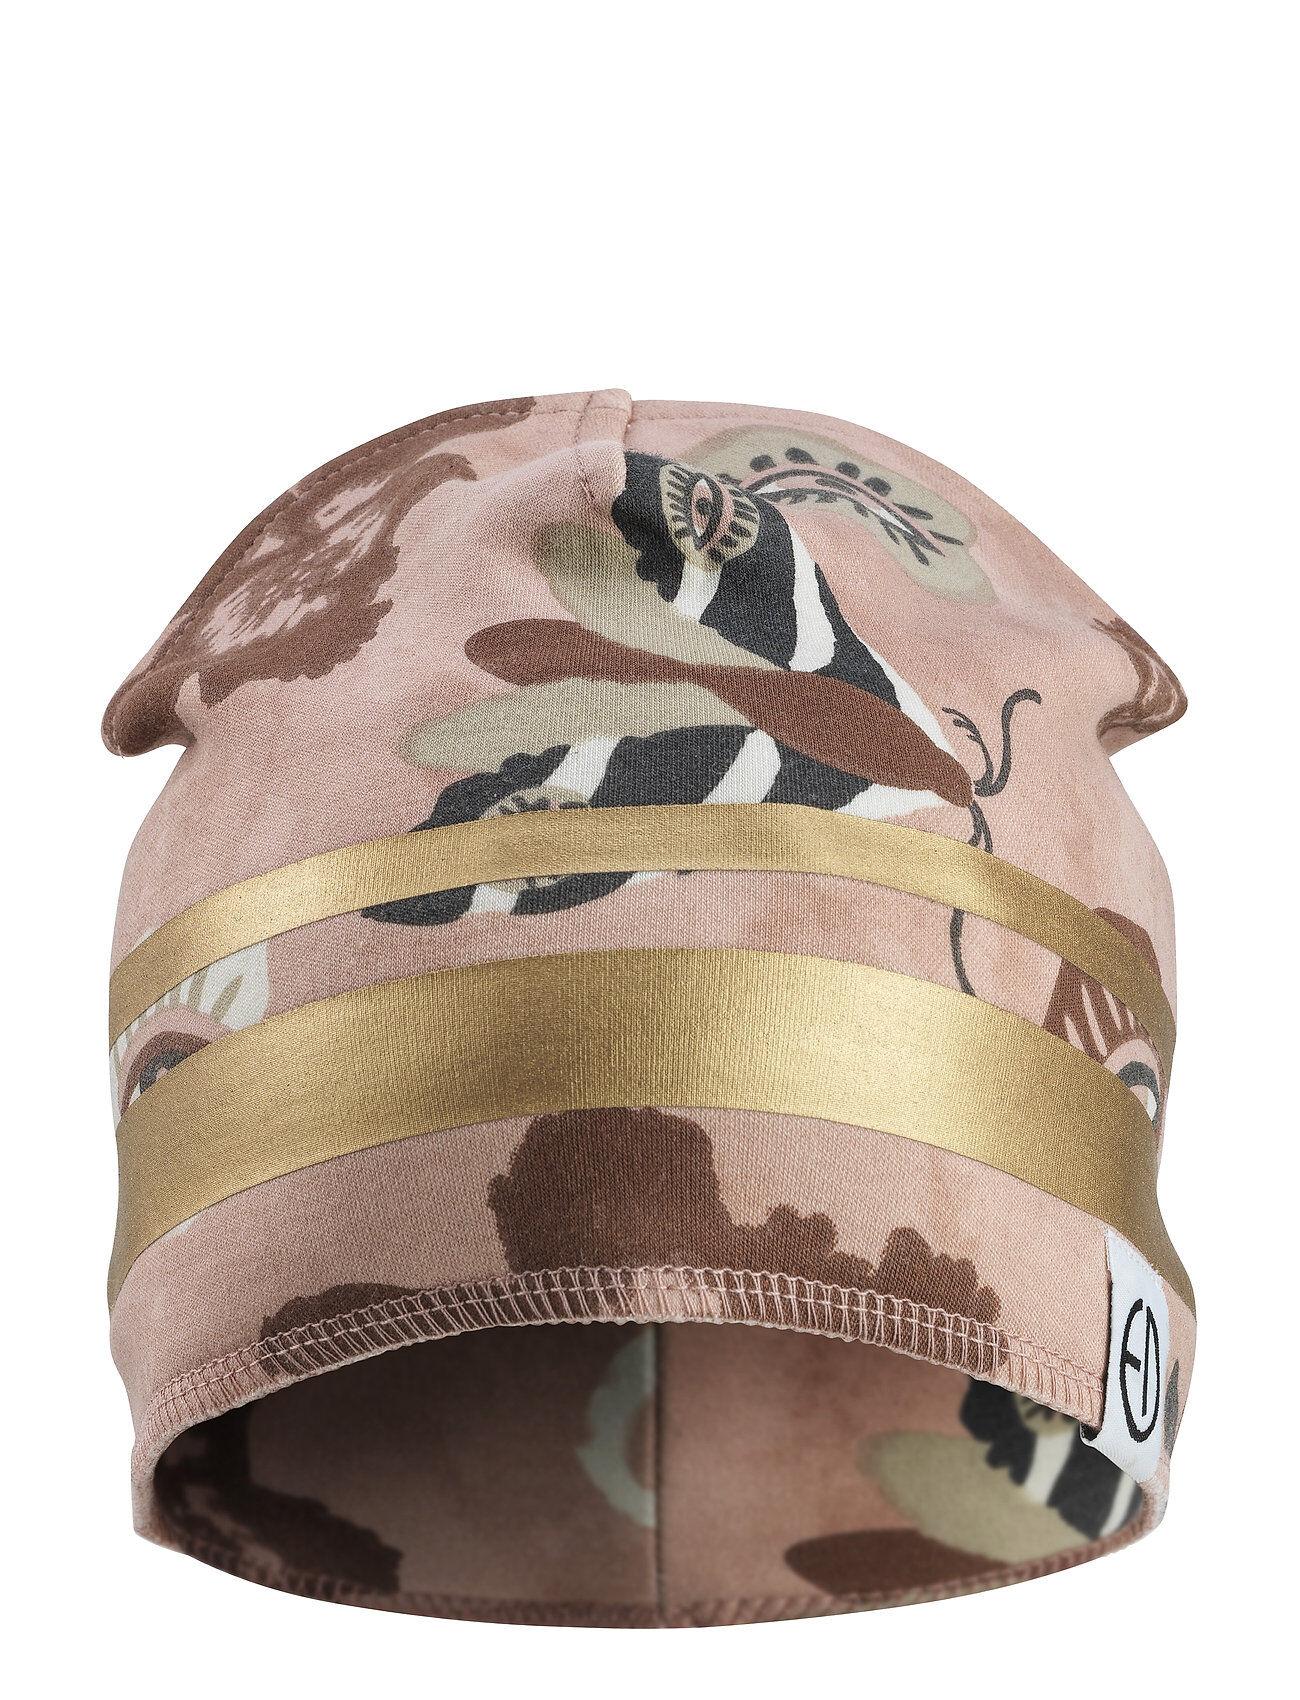 Elodie Details Winter Beanie - Midnight Eye Accessories Headwear Hats Vaaleanpunainen Elodie Details